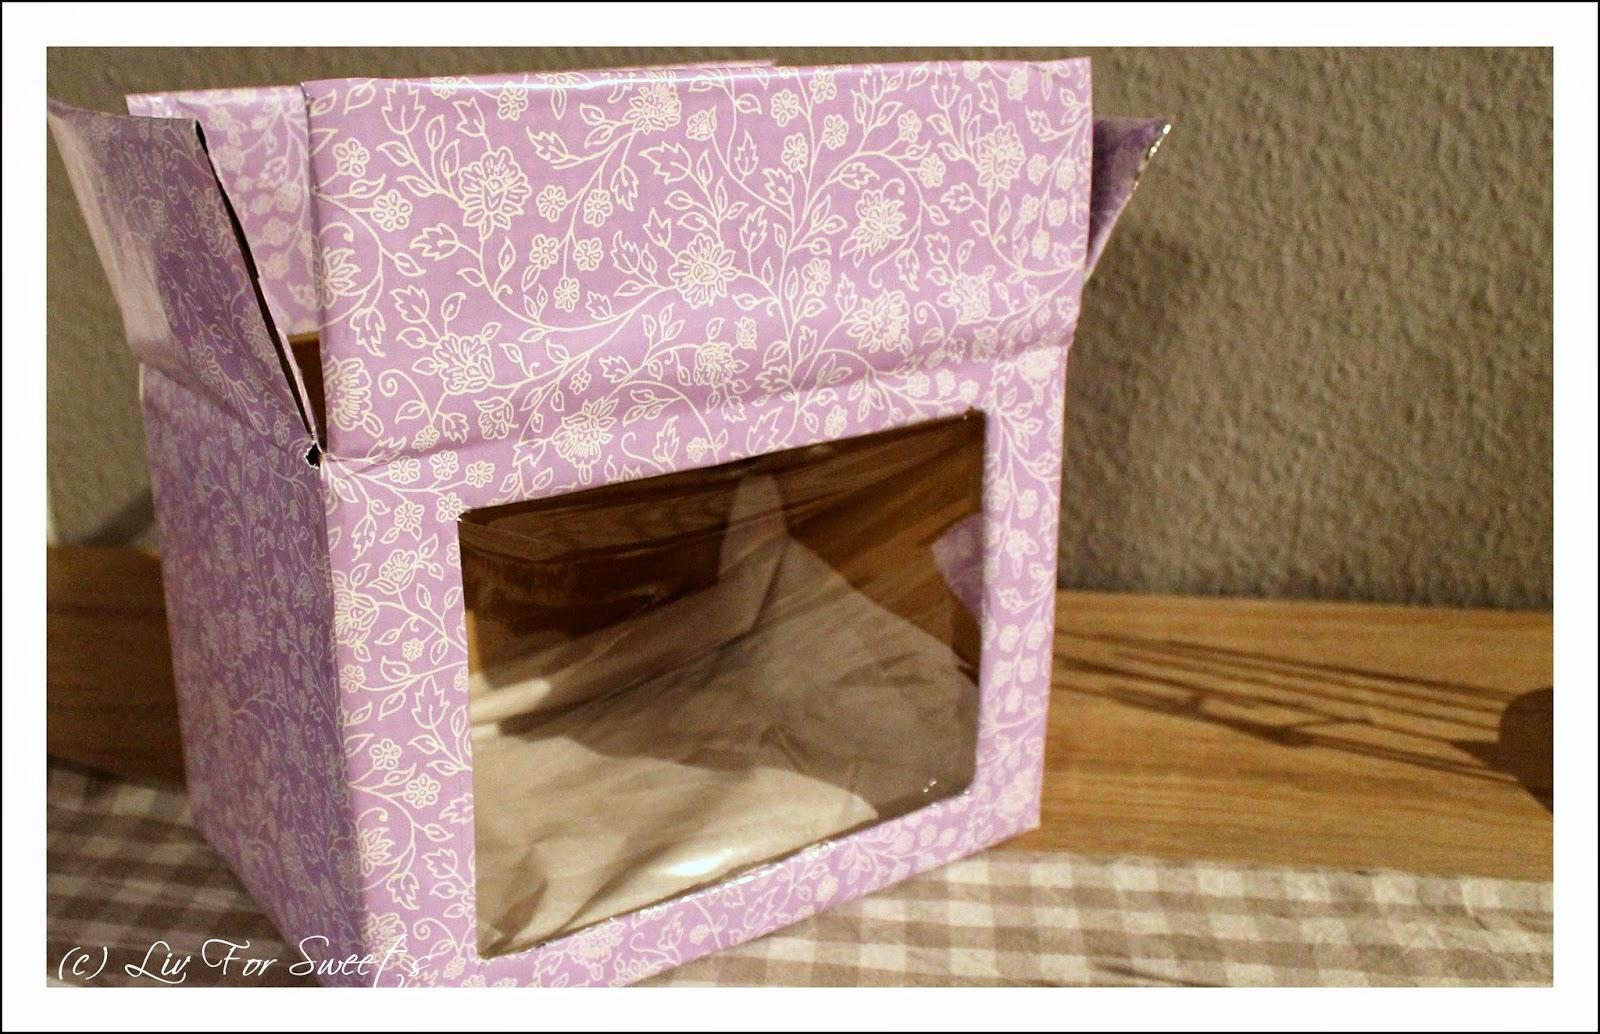 Eine selbstgebastelte Box in lila für den Transport von Cake-Pops